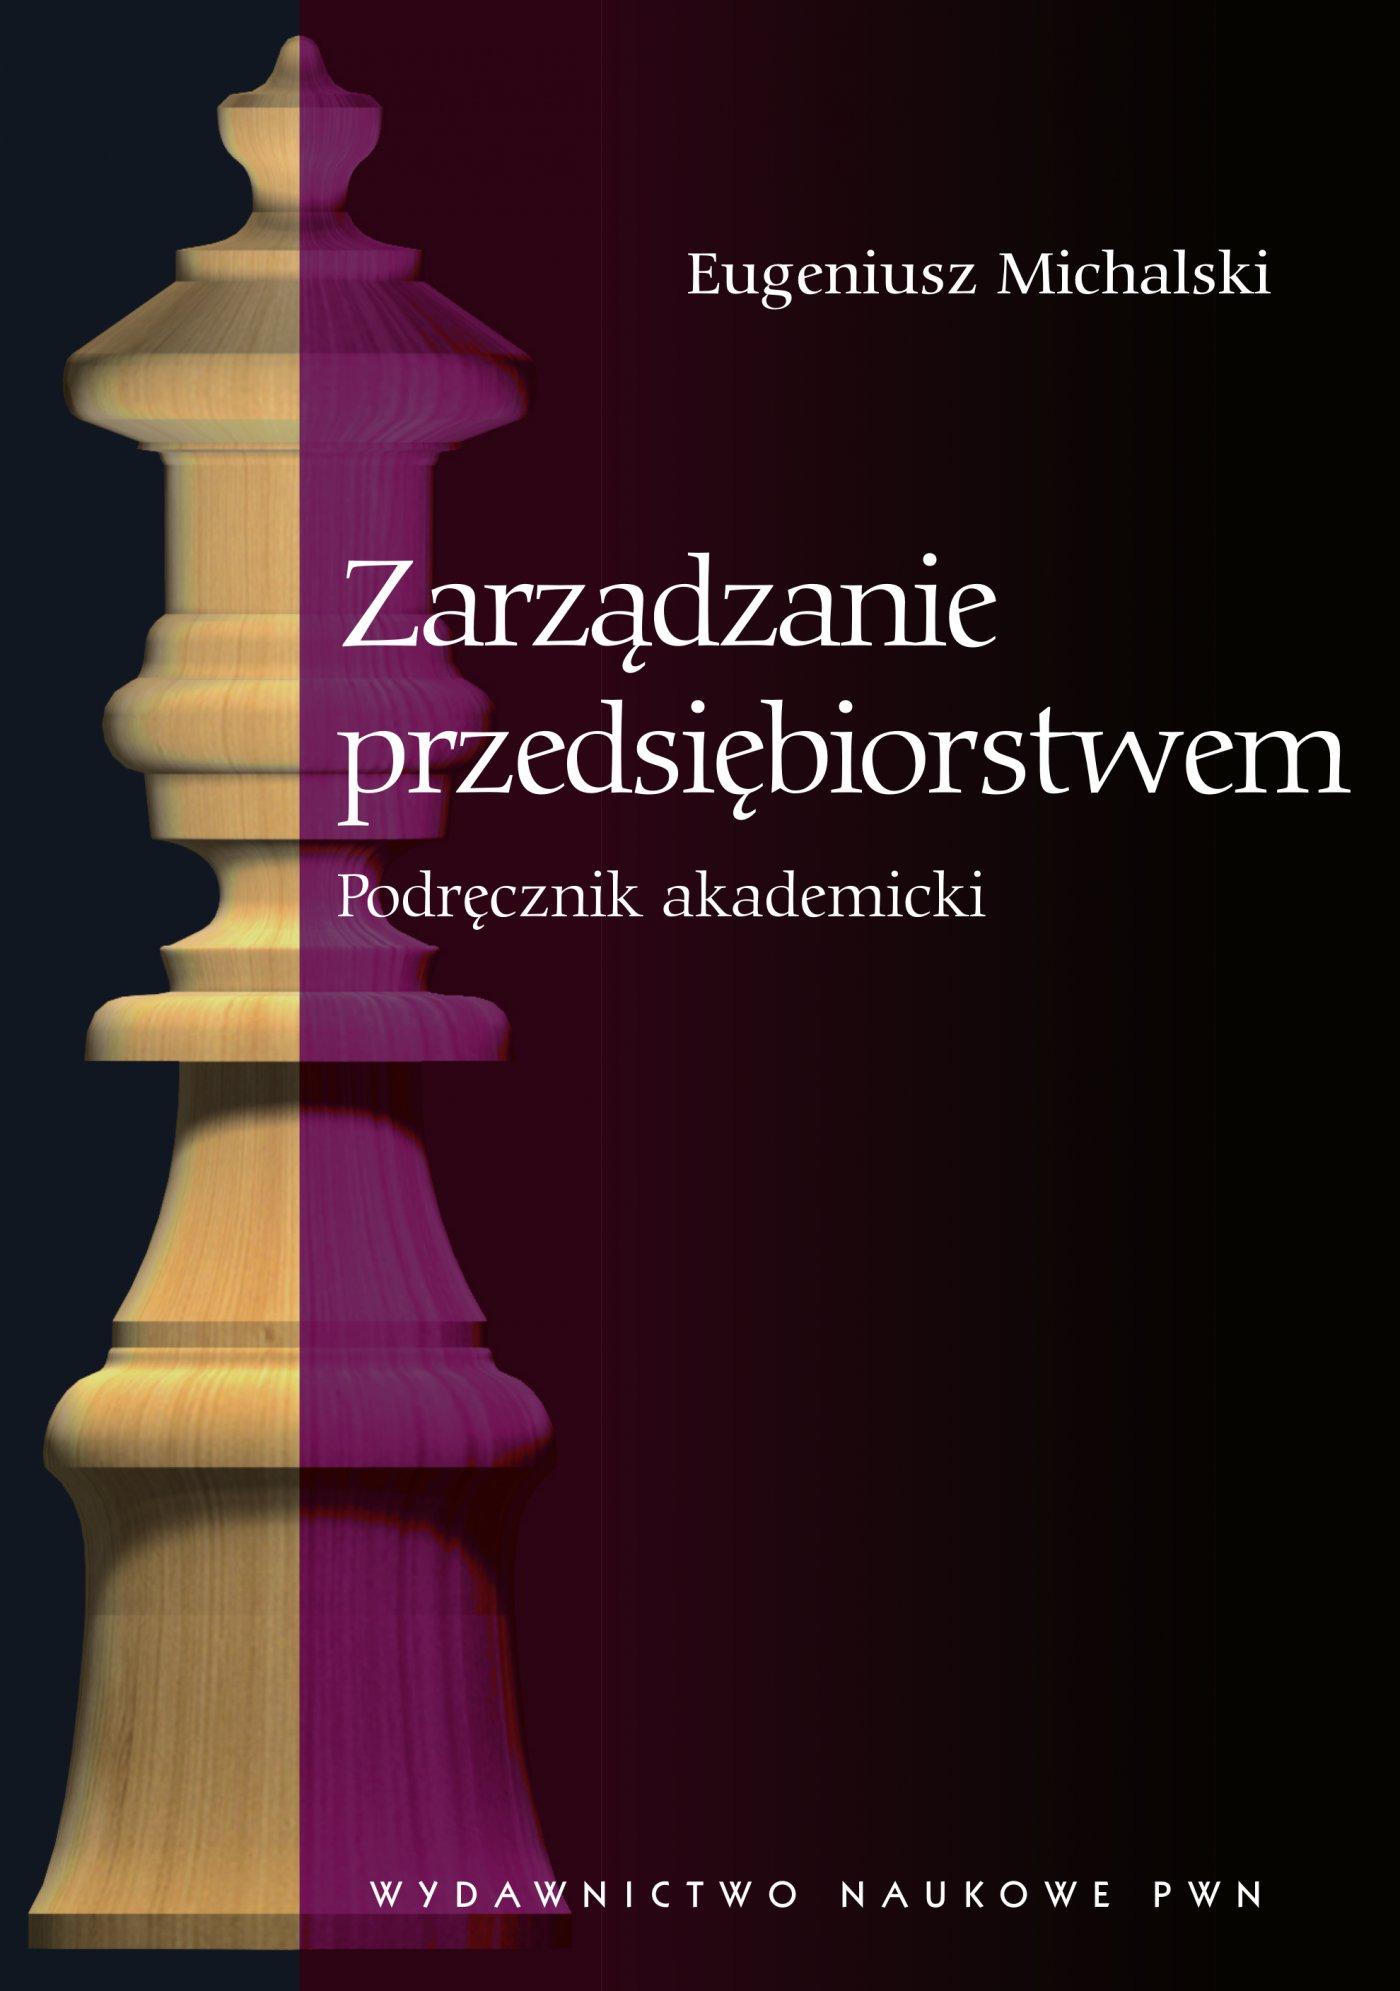 Zarządzanie przedsiębiorstwem. Podręcznik akademicki - Ebook (Książka na Kindle) do pobrania w formacie MOBI